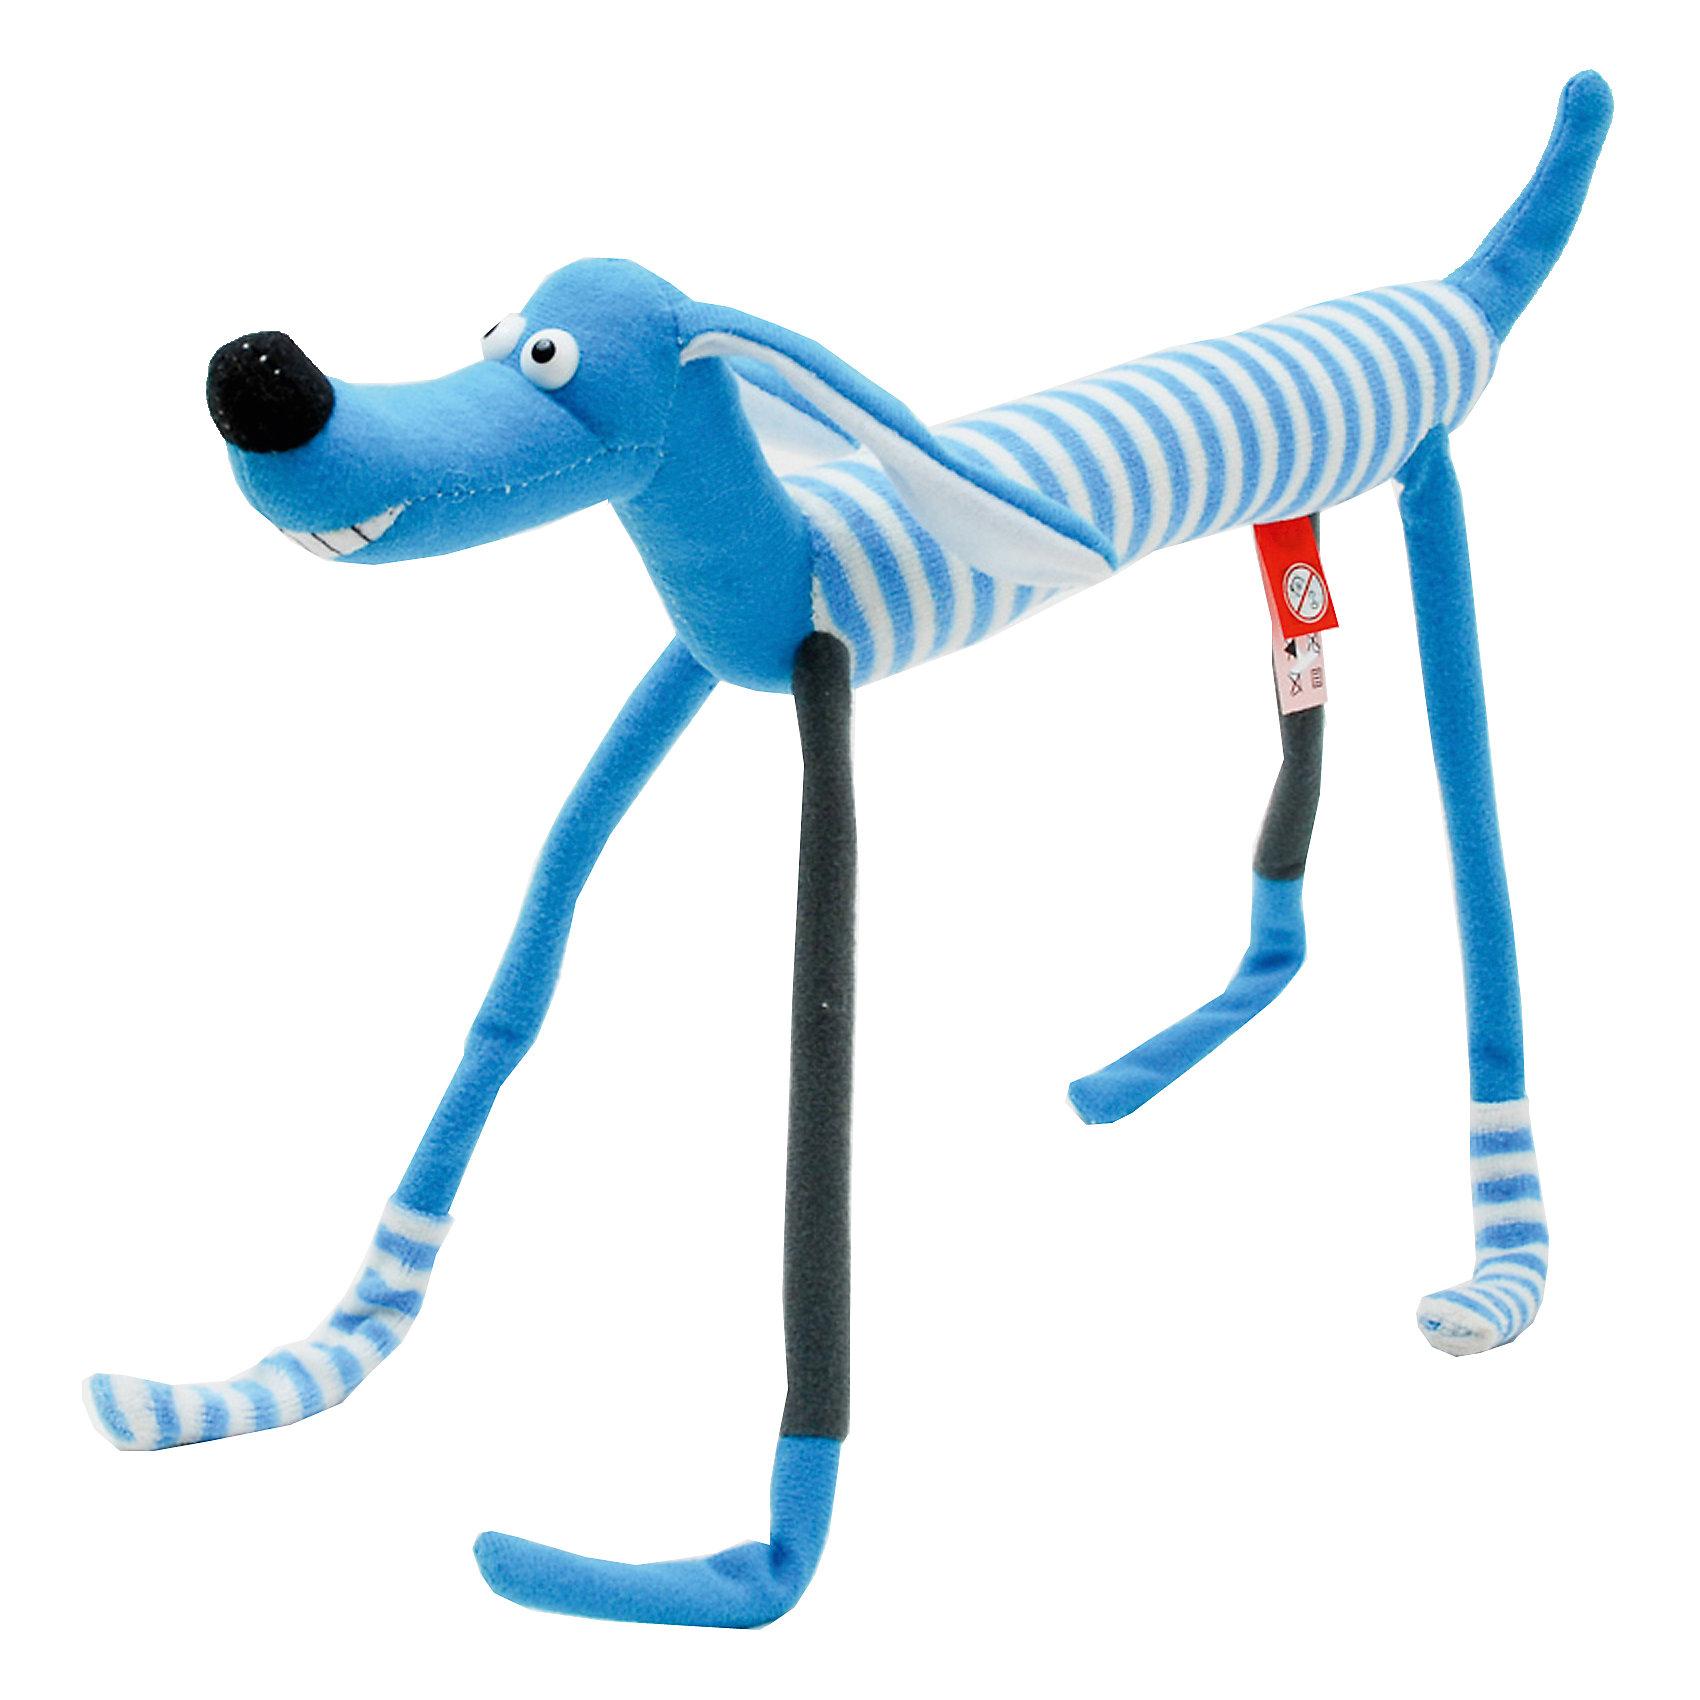 Мягкая игрушка Слим-собачка, Fancy, 20 смКошки и собаки<br>Милая яркая собачка станет прекрасным подарком и обязательно поднимет настроение! Внутри игрушки находится прочный проволочный каркас, благодаря этому, она может принимать различные смешные позы. Собачка выполнена из высококачественных гипоаллергенных материалов, безопасных для детей. <br><br>Дополнительная информация:<br><br>- Материал: плюш, пластик, полиэфирное волокно.<br>- Размер: 31х19х4,5 см.<br>- Лапы, туловище гнутся. <br>- Цвет: голубой, белый.<br><br>Мягкую игрушку Слим-собачка Fancy, можно купить в нашем магазине.<br><br>Ширина мм: 310<br>Глубина мм: 45<br>Высота мм: 200<br>Вес г: 72<br>Возраст от месяцев: 36<br>Возраст до месяцев: 72<br>Пол: Унисекс<br>Возраст: Детский<br>SKU: 4219383